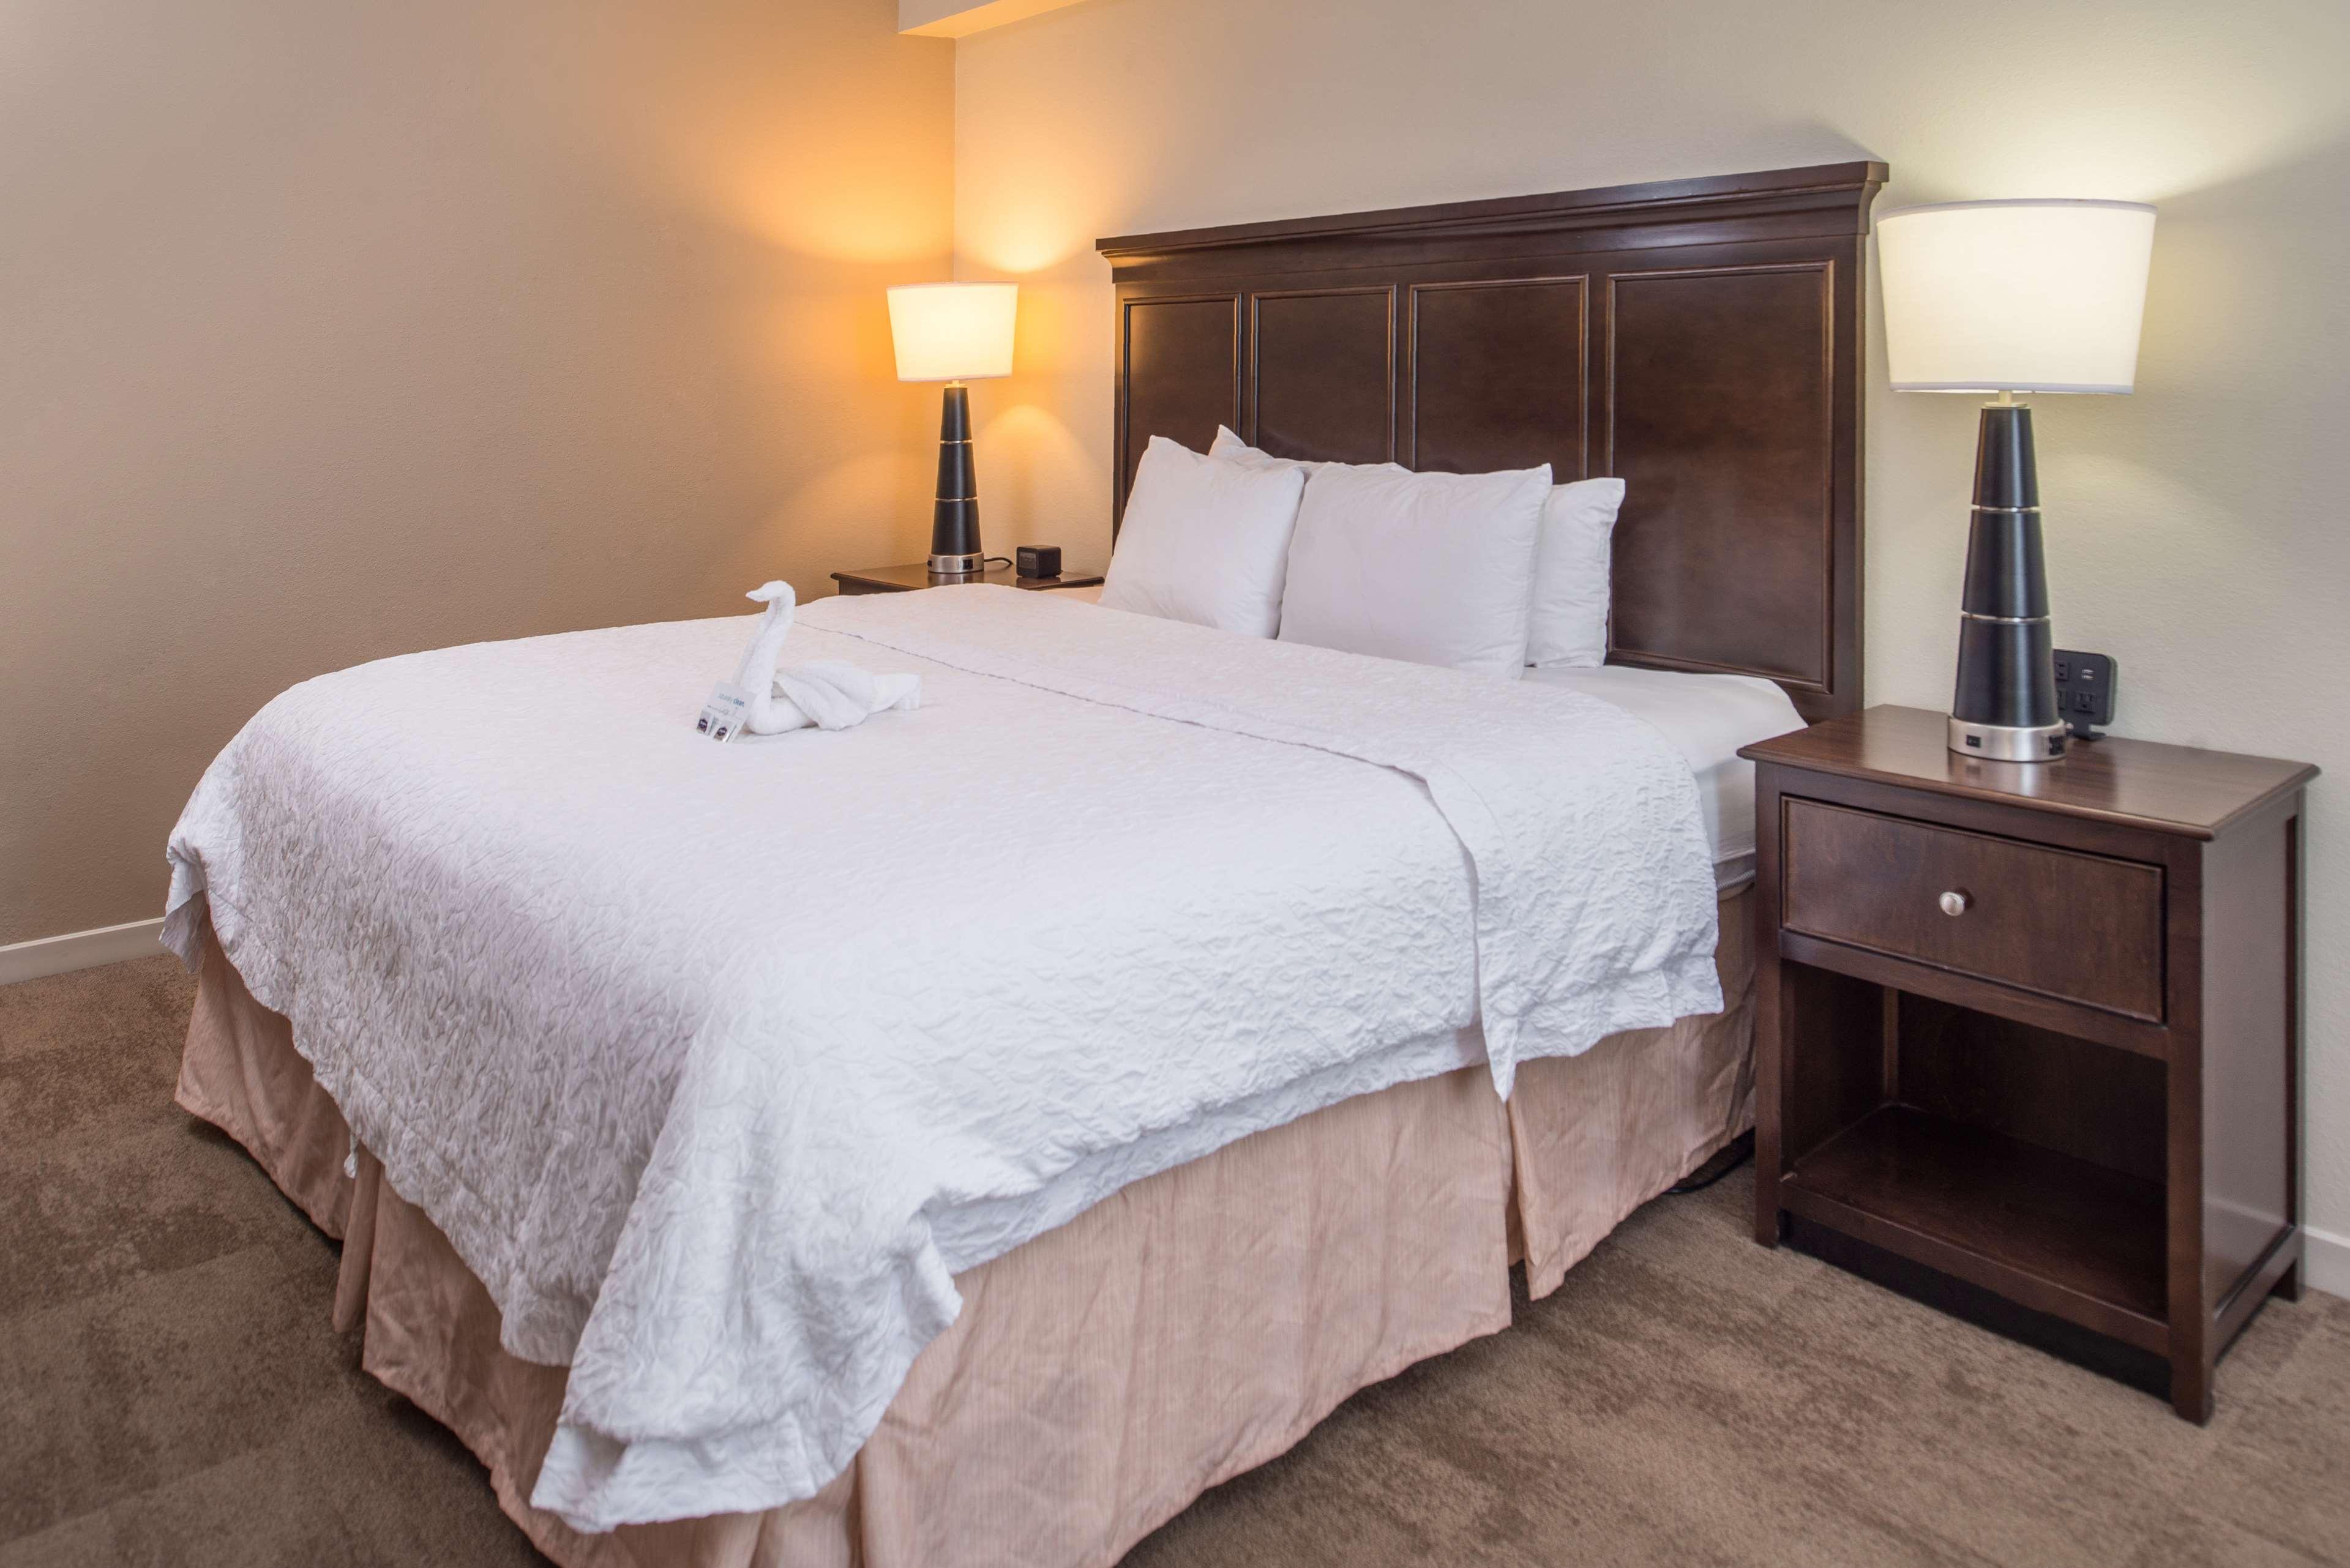 Hampton Inn & Suites Charlotte-Arrowood Rd. image 31